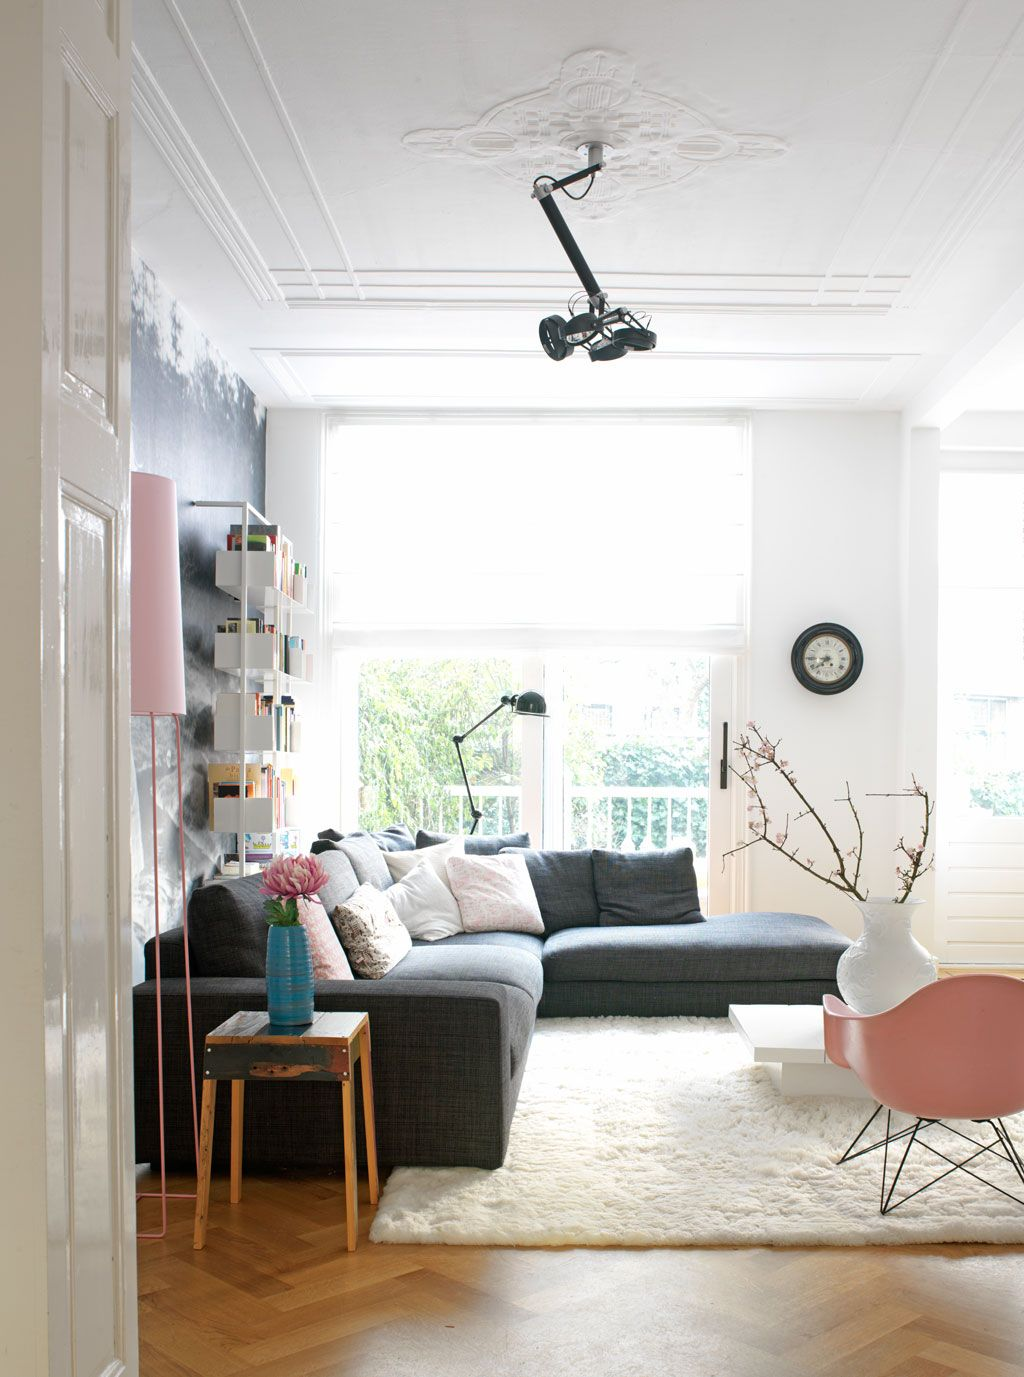 Charmant Salon Moderne, Chic Et Chaleureux   Ce Fauteuil Rose... #livingroom #pink  #chair